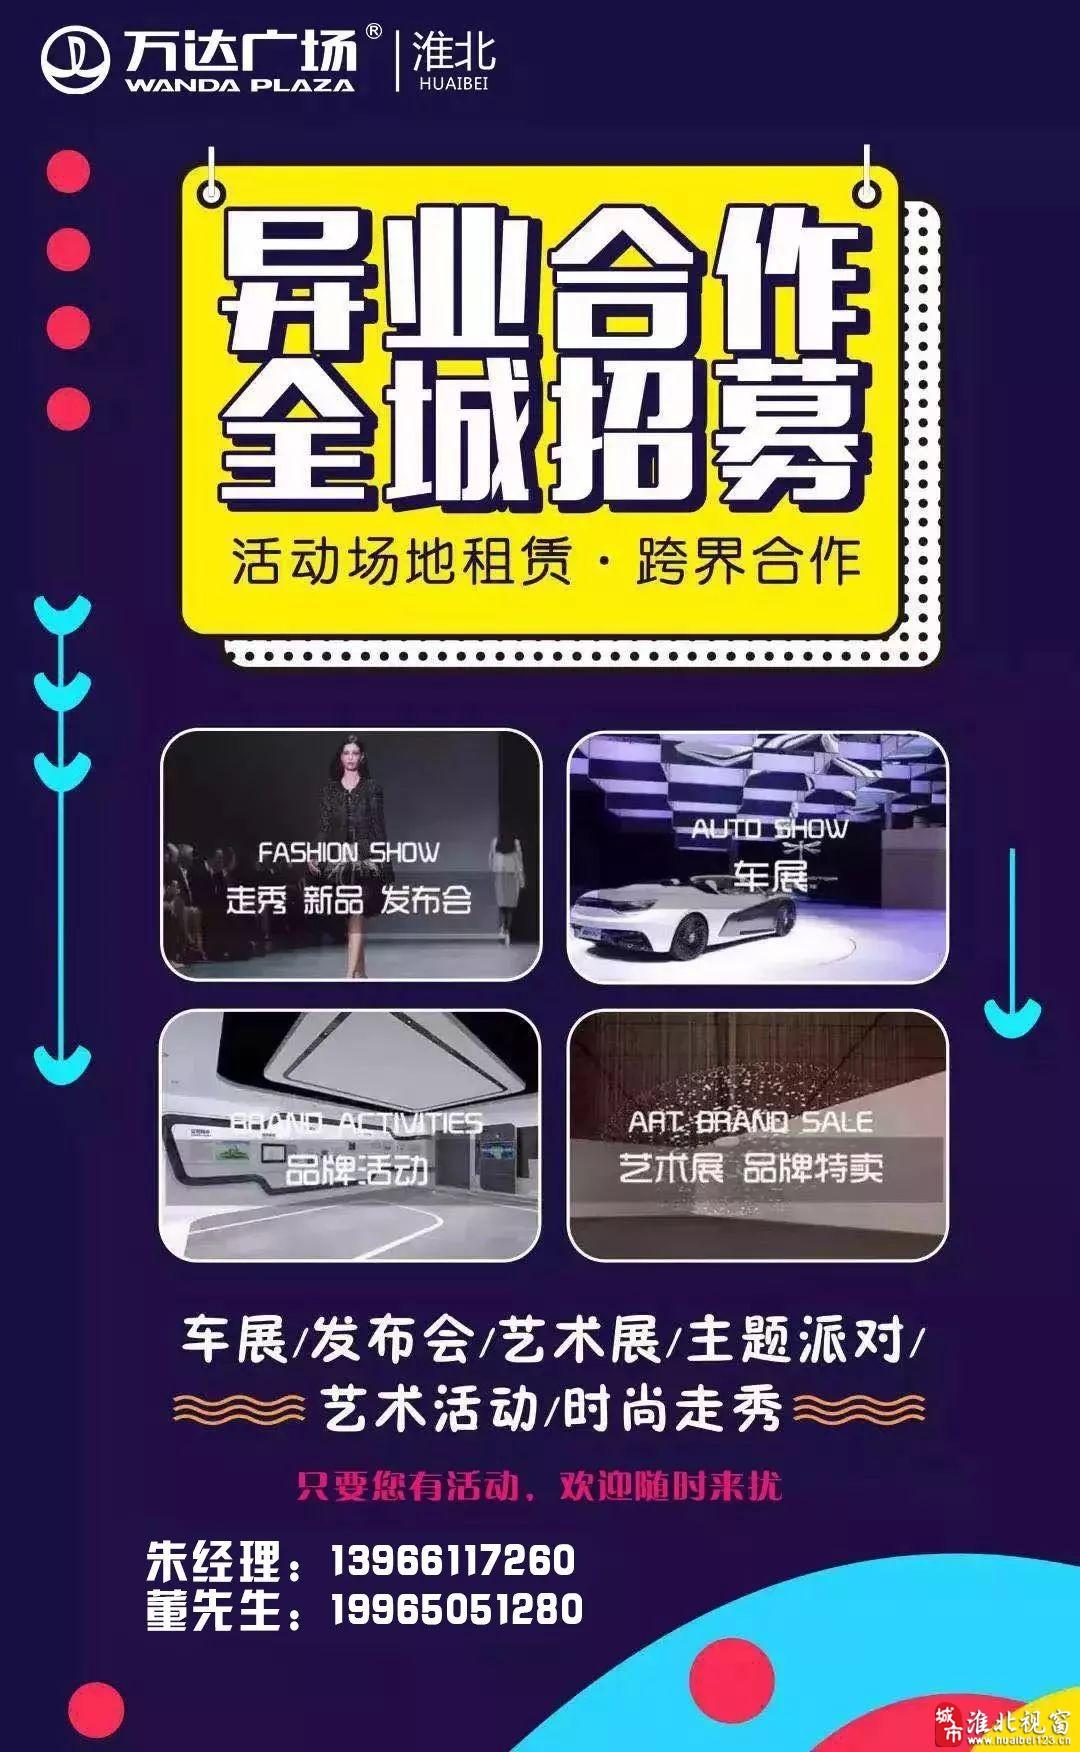 """@淮北人""""黑色星期五""""&万达消费劵,如何最省钱?速看!-25.jpg"""